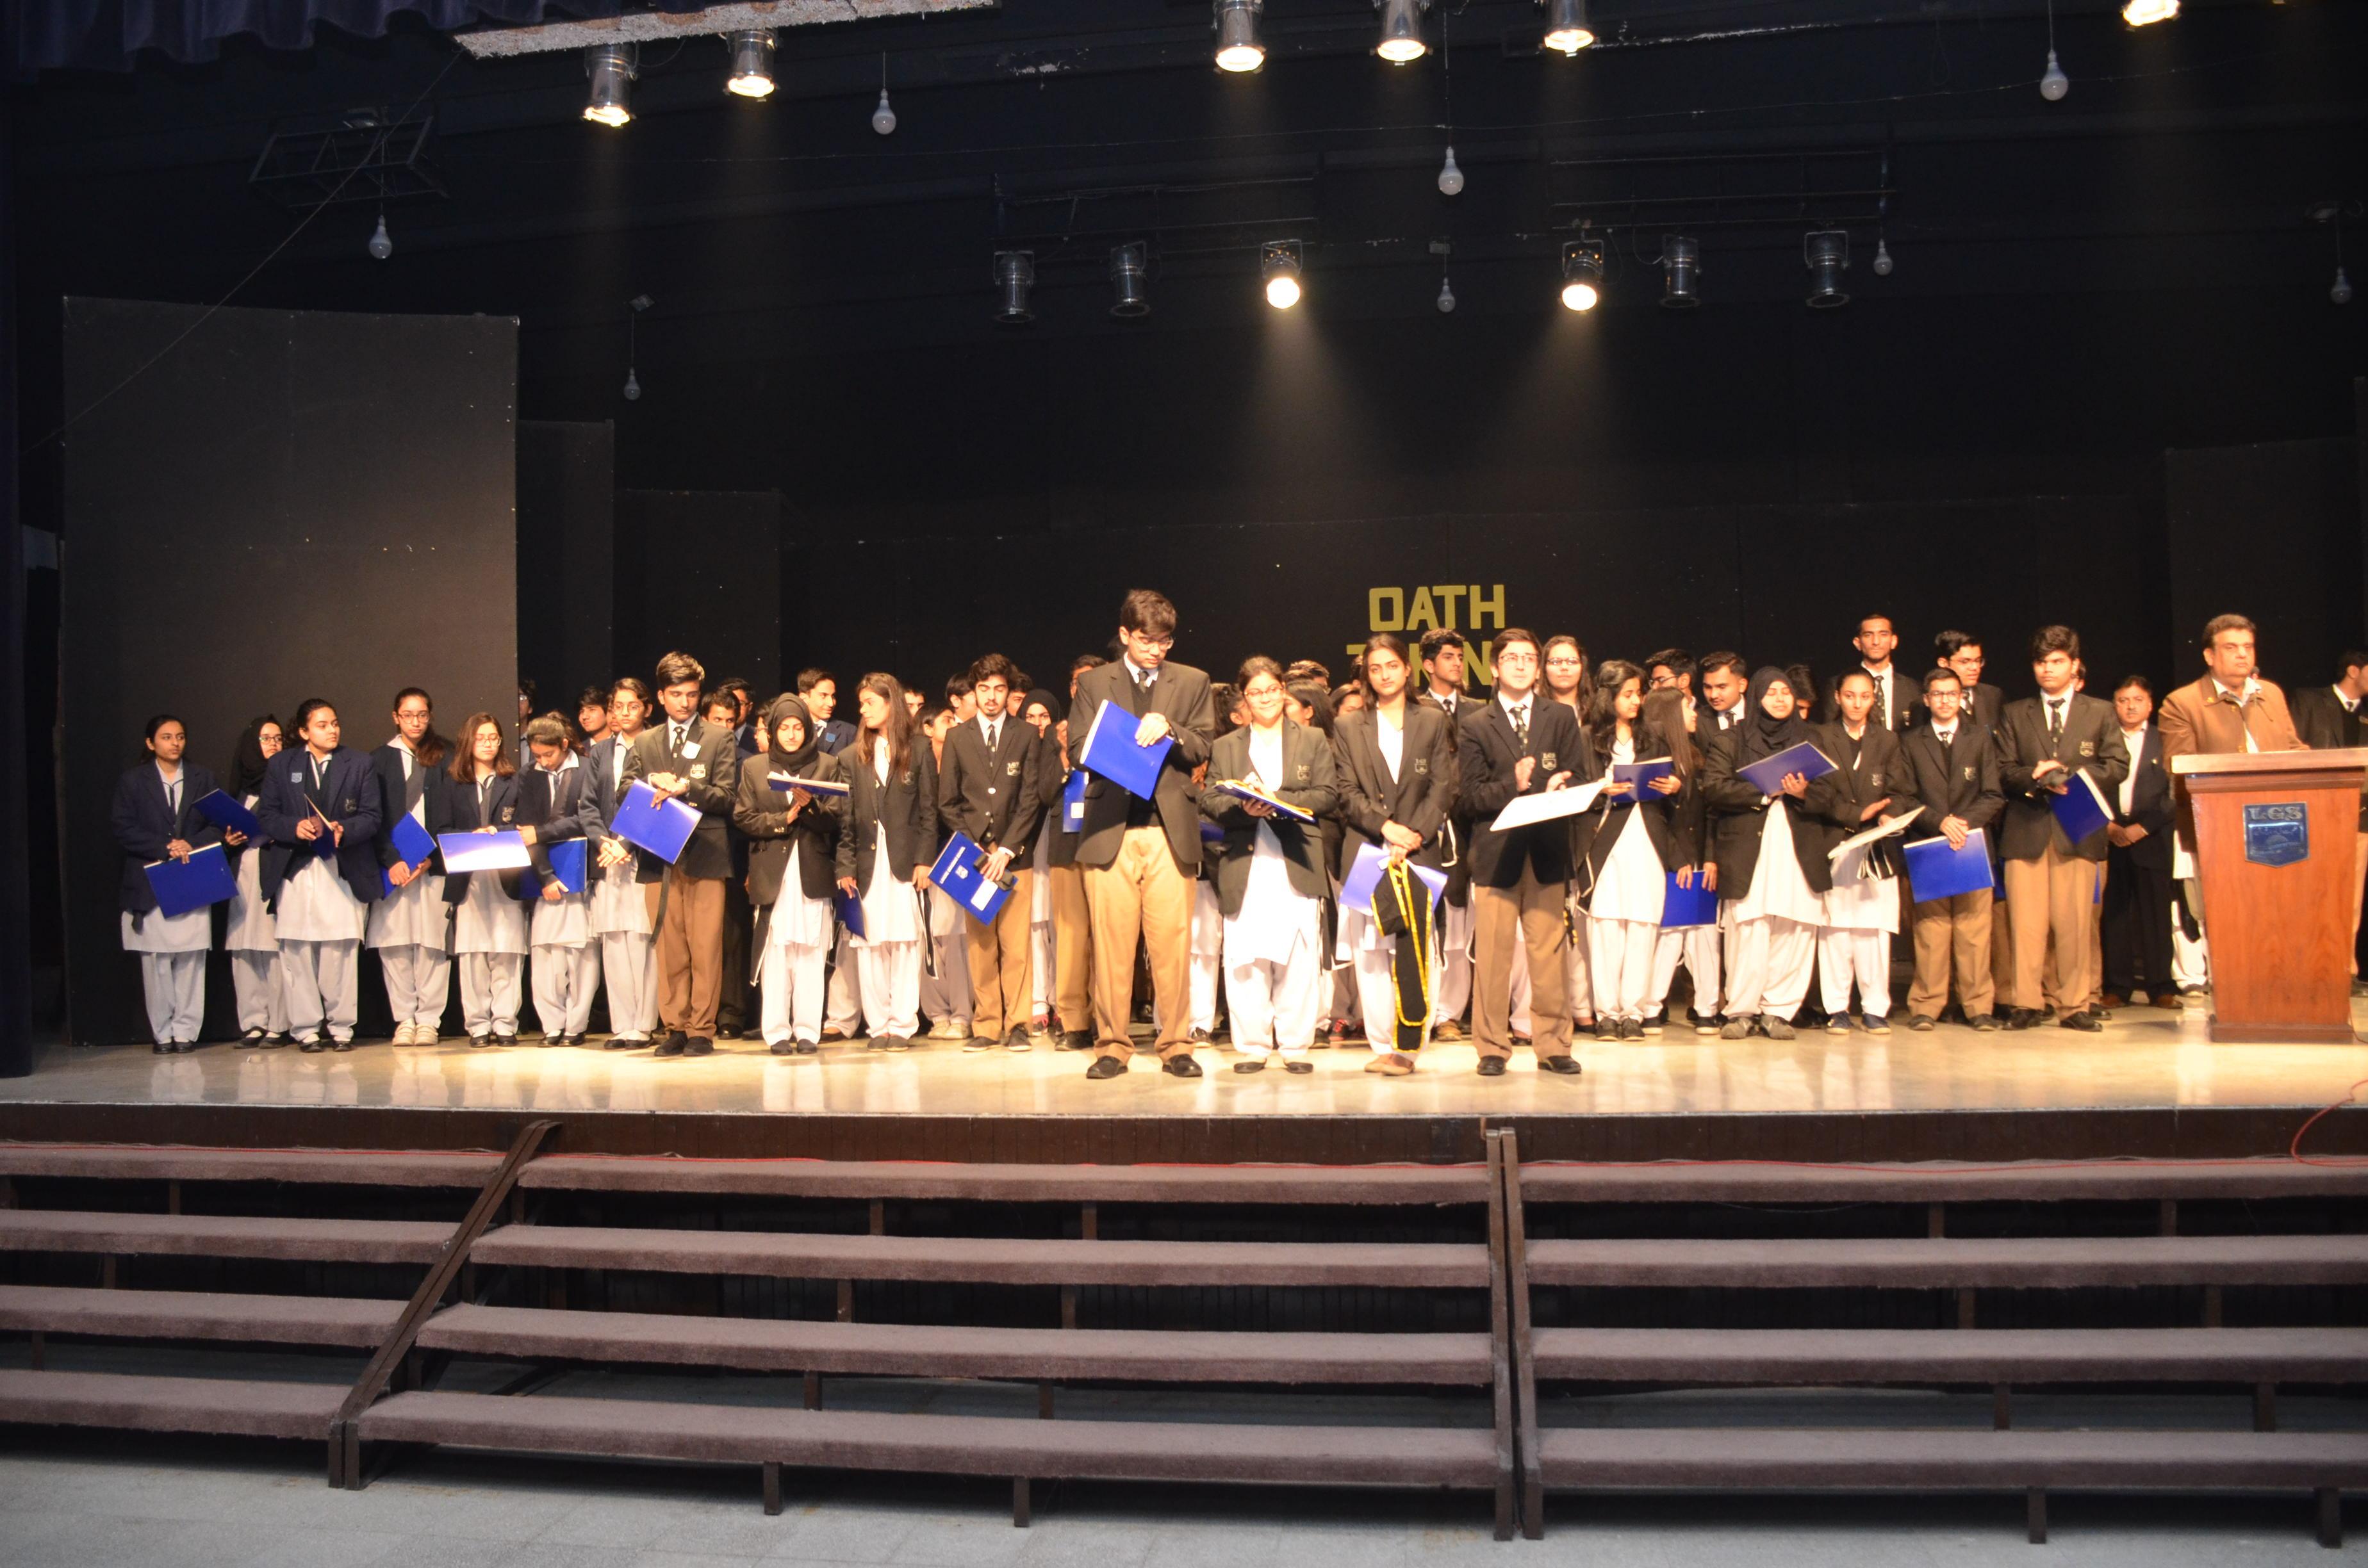 Oath Taking 2019-2020 (Senior School)